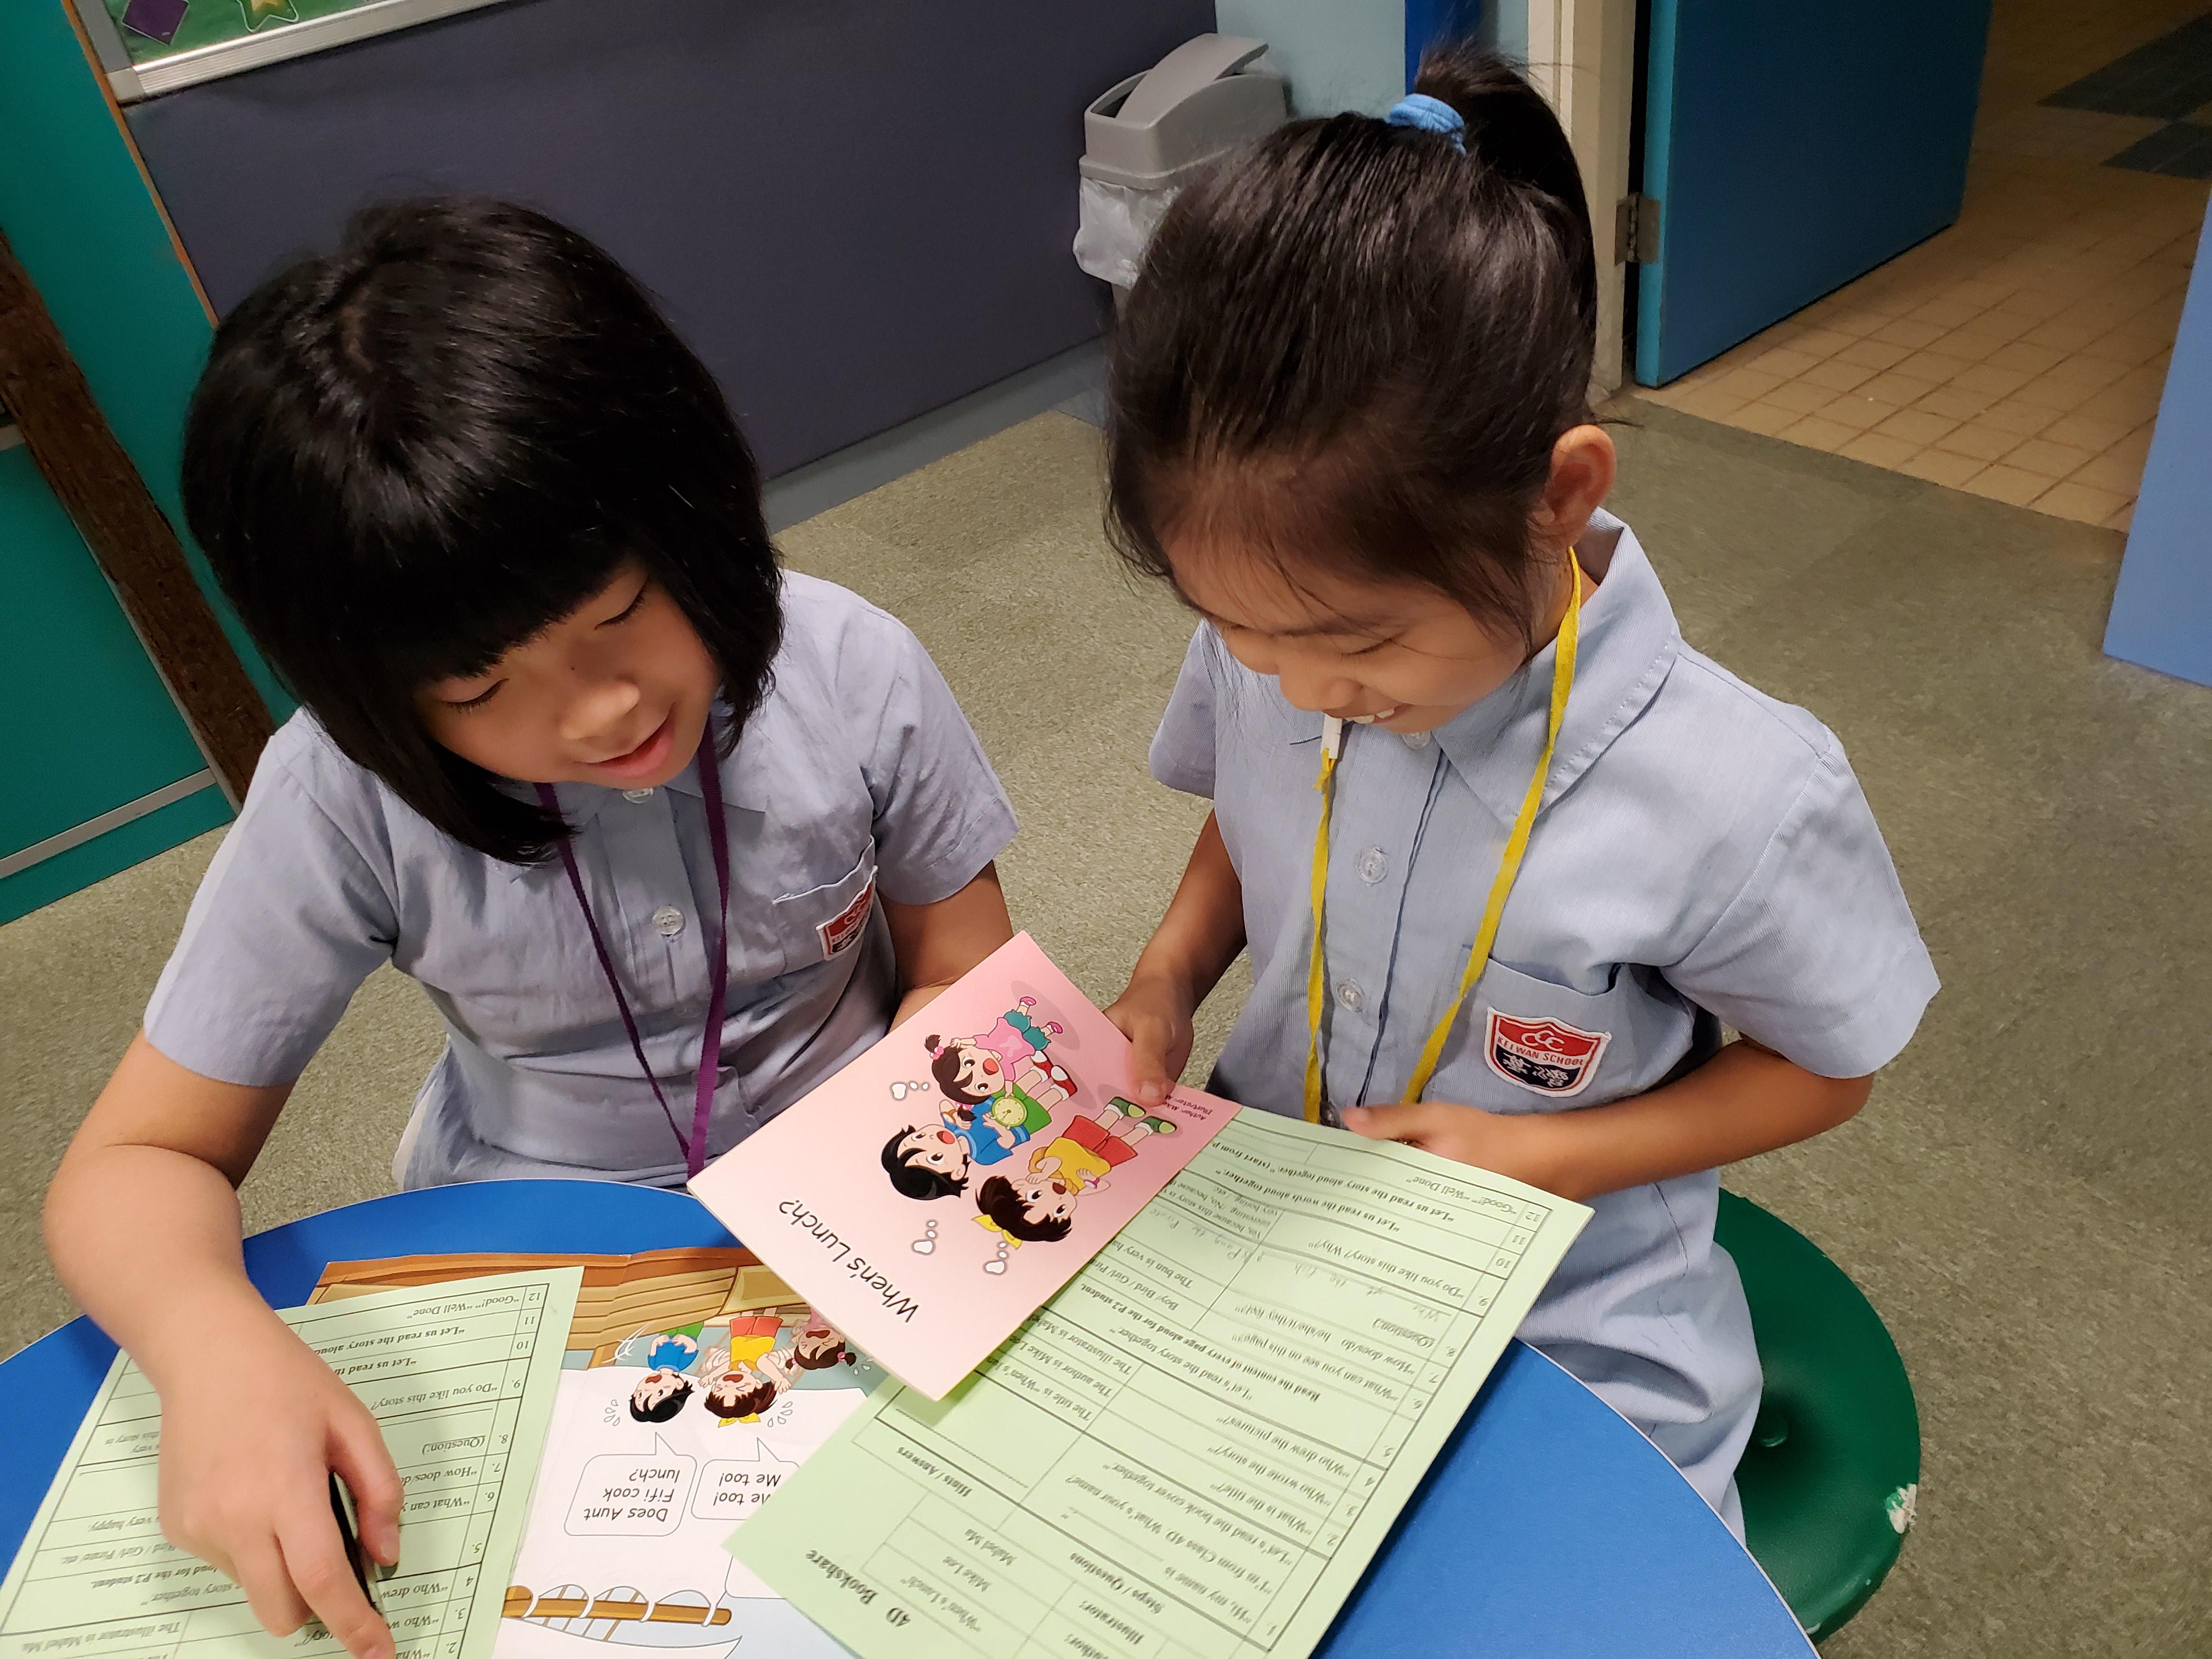 http://www.keiwan.edu.hk/sites/default/files/20191008_101631.jpg